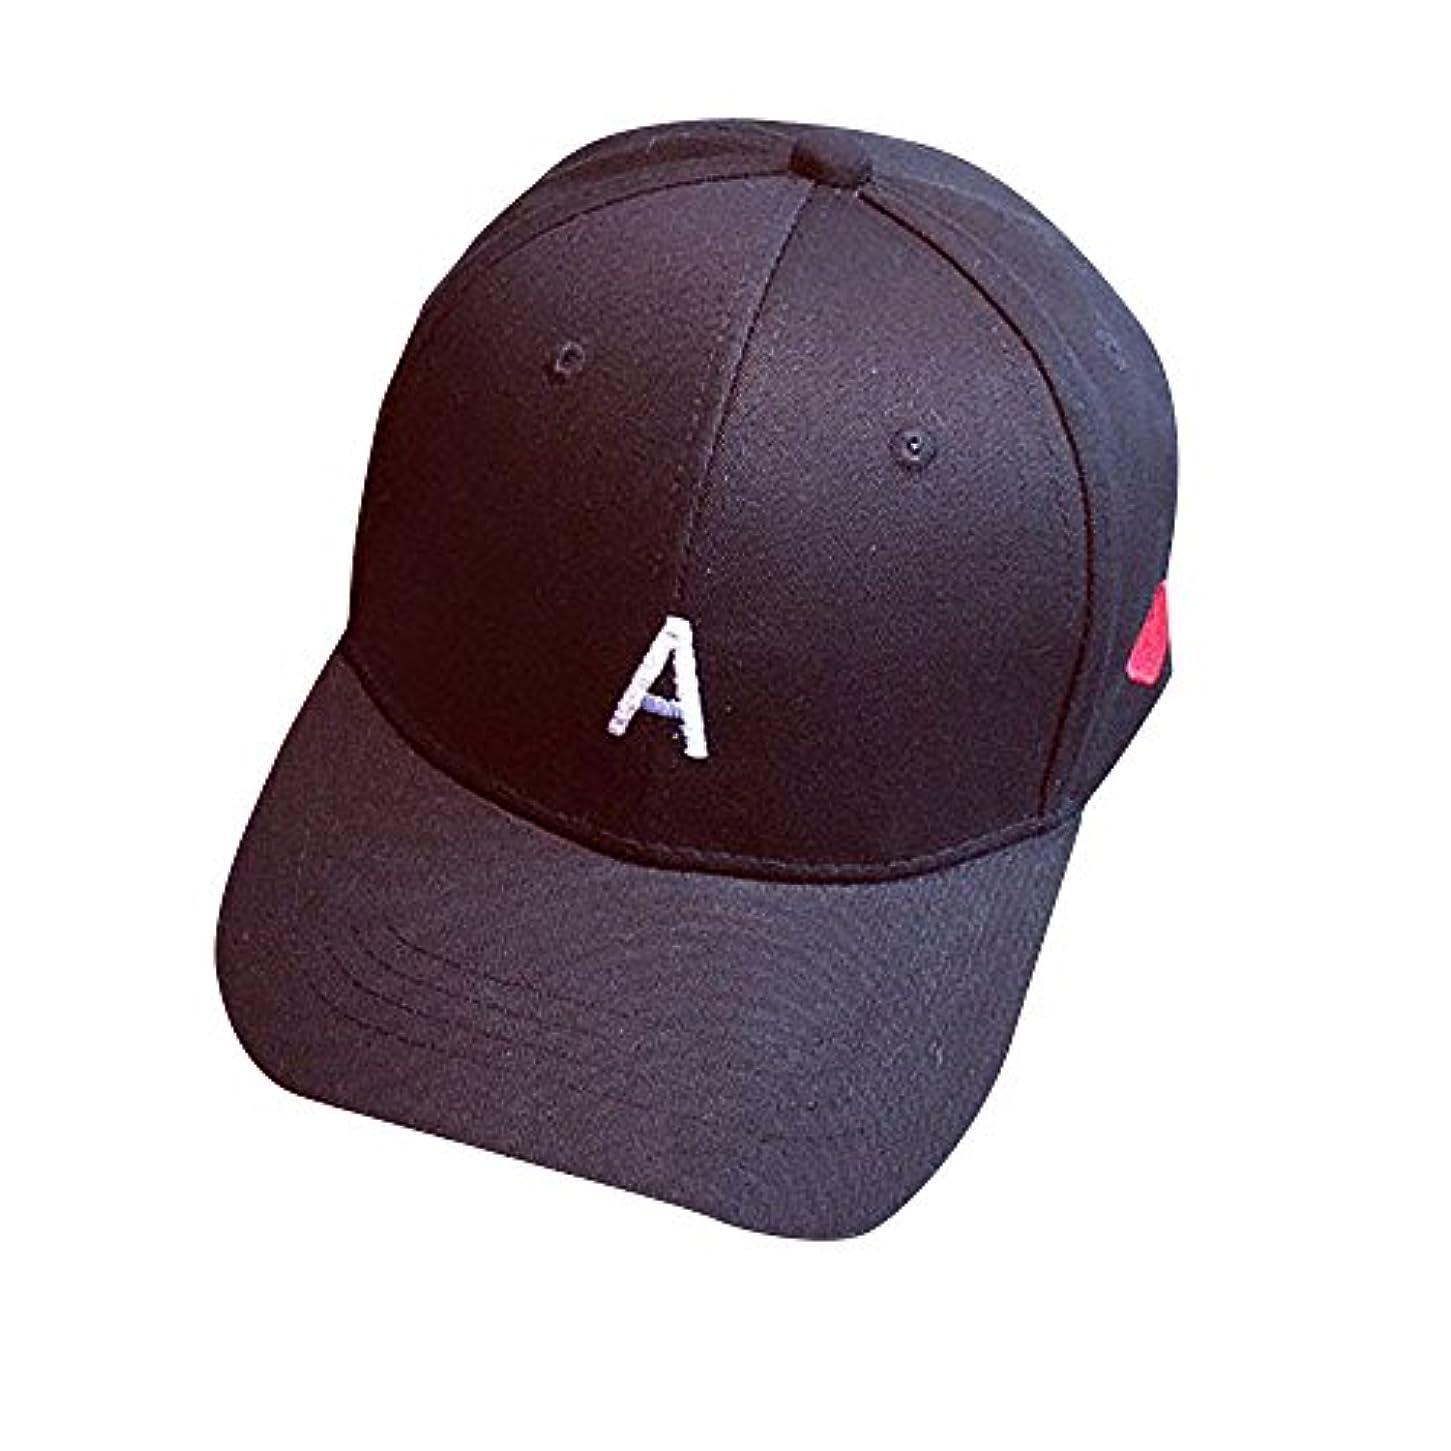 ワークショップ一杯差Racazing Cap 文字刺繍 野球帽 無地 キャップ 夏 登山 通気性のある 帽子 ベルクロ 可調整可能 ヒップホップ 棒球帽 UV 帽子 軽量 屋外 Unisex Hat (黒)